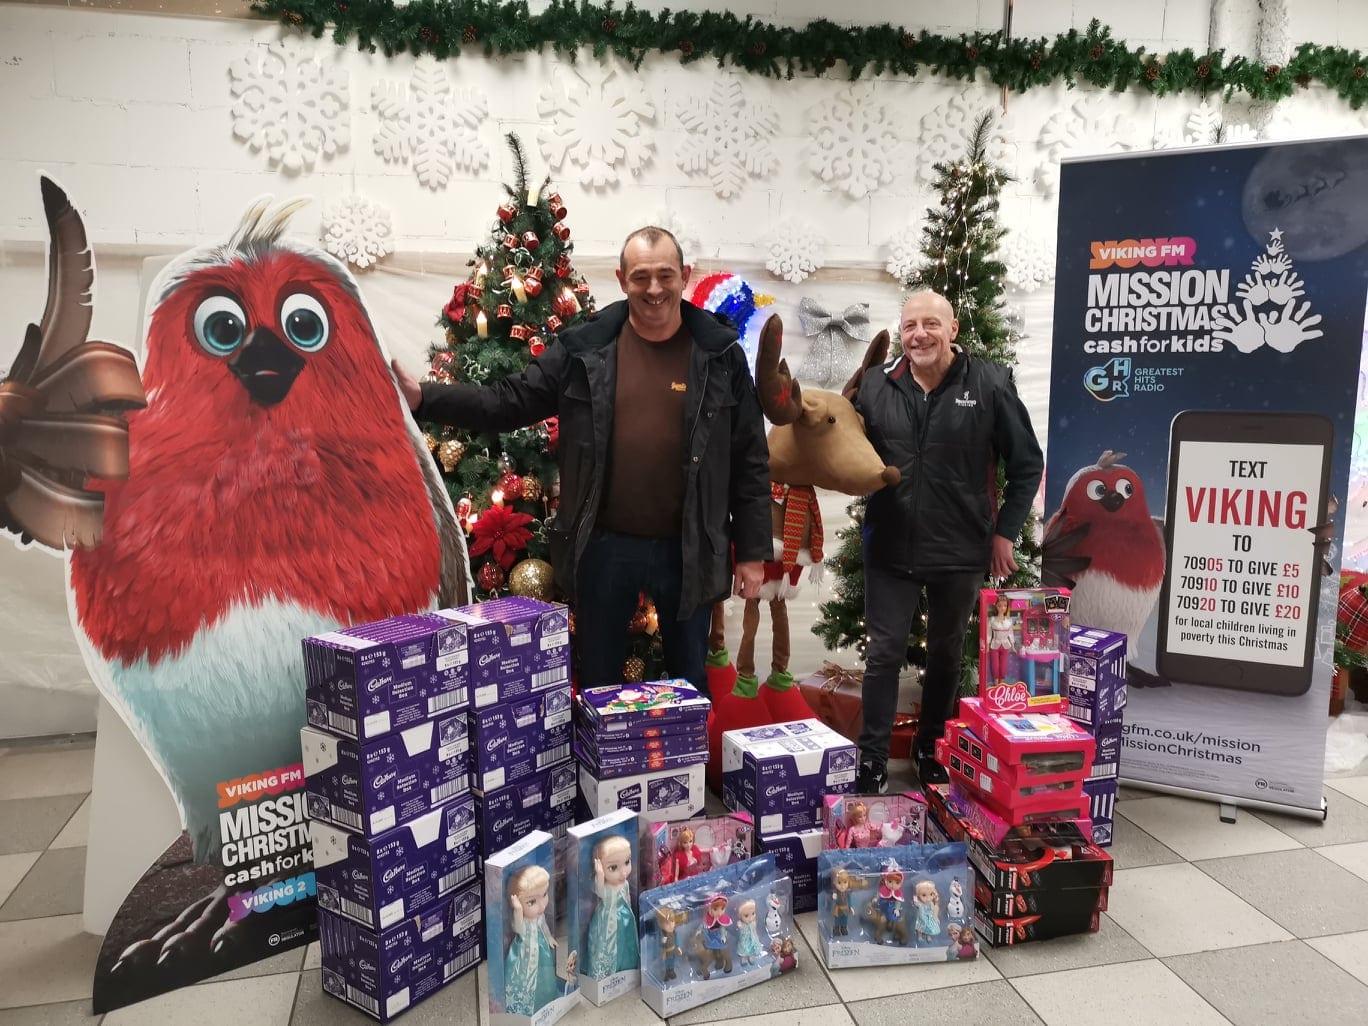 The Drain Company (Hull) Ltd's donation towards Mission Christmas